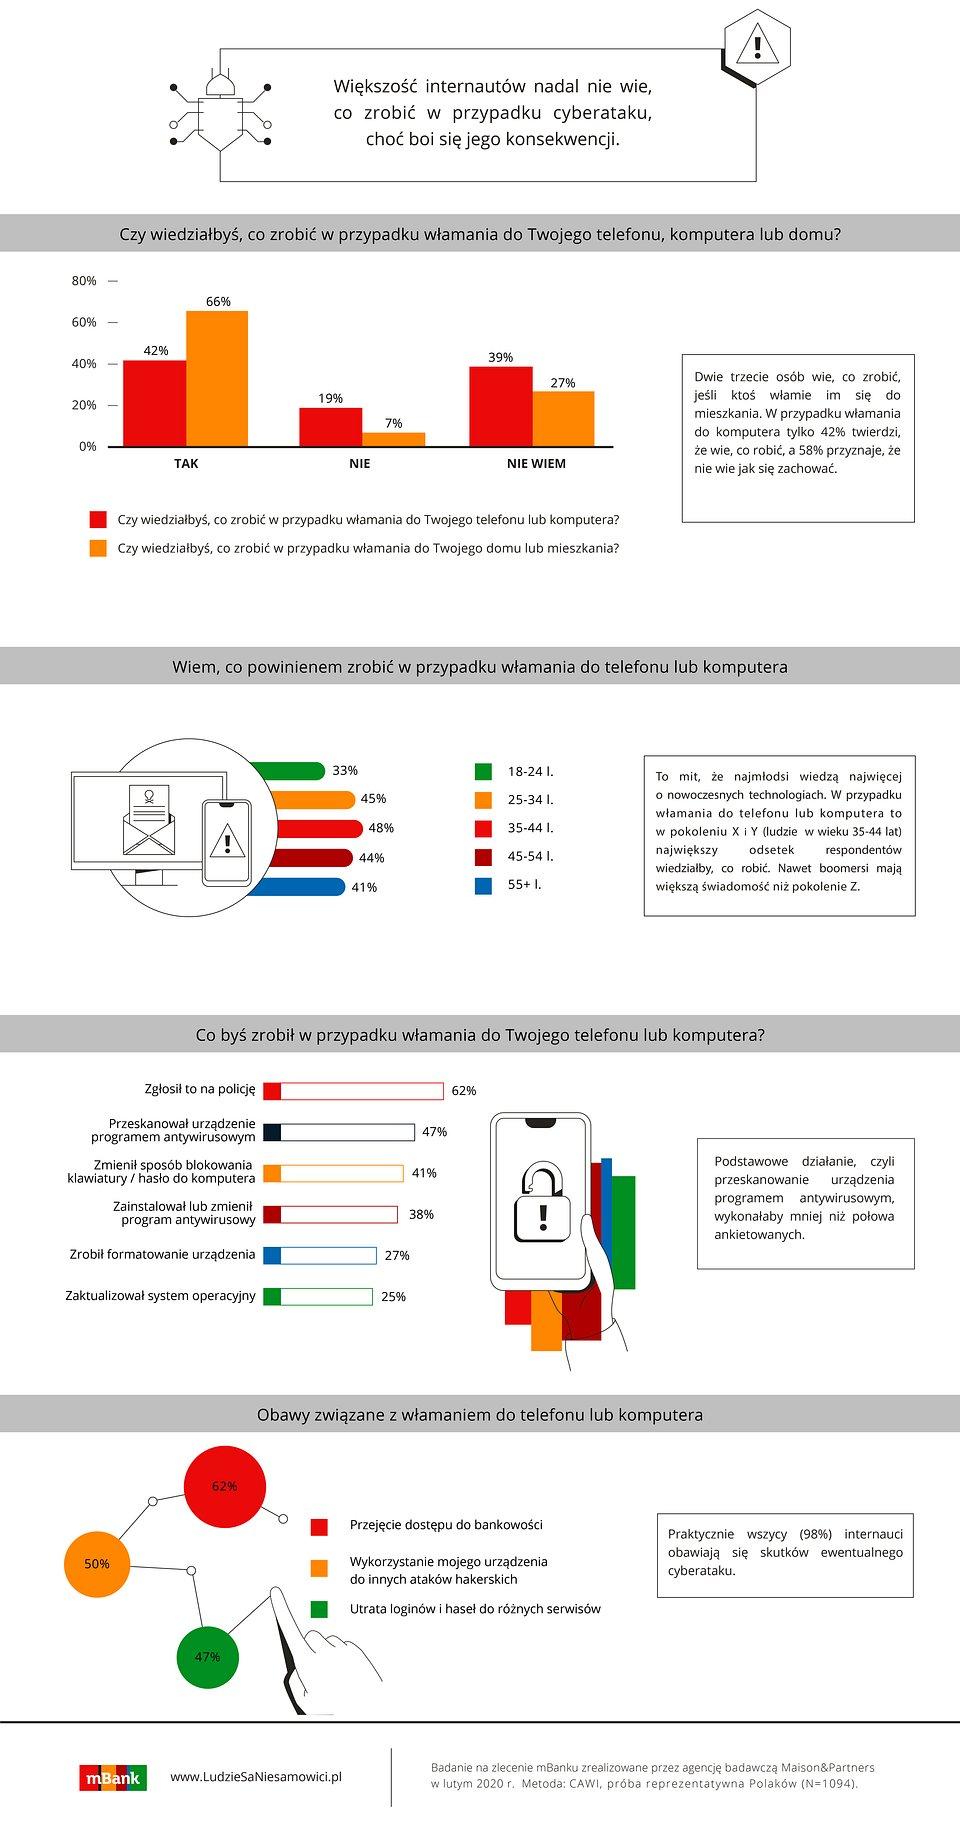 infografika_2 (1).jpg